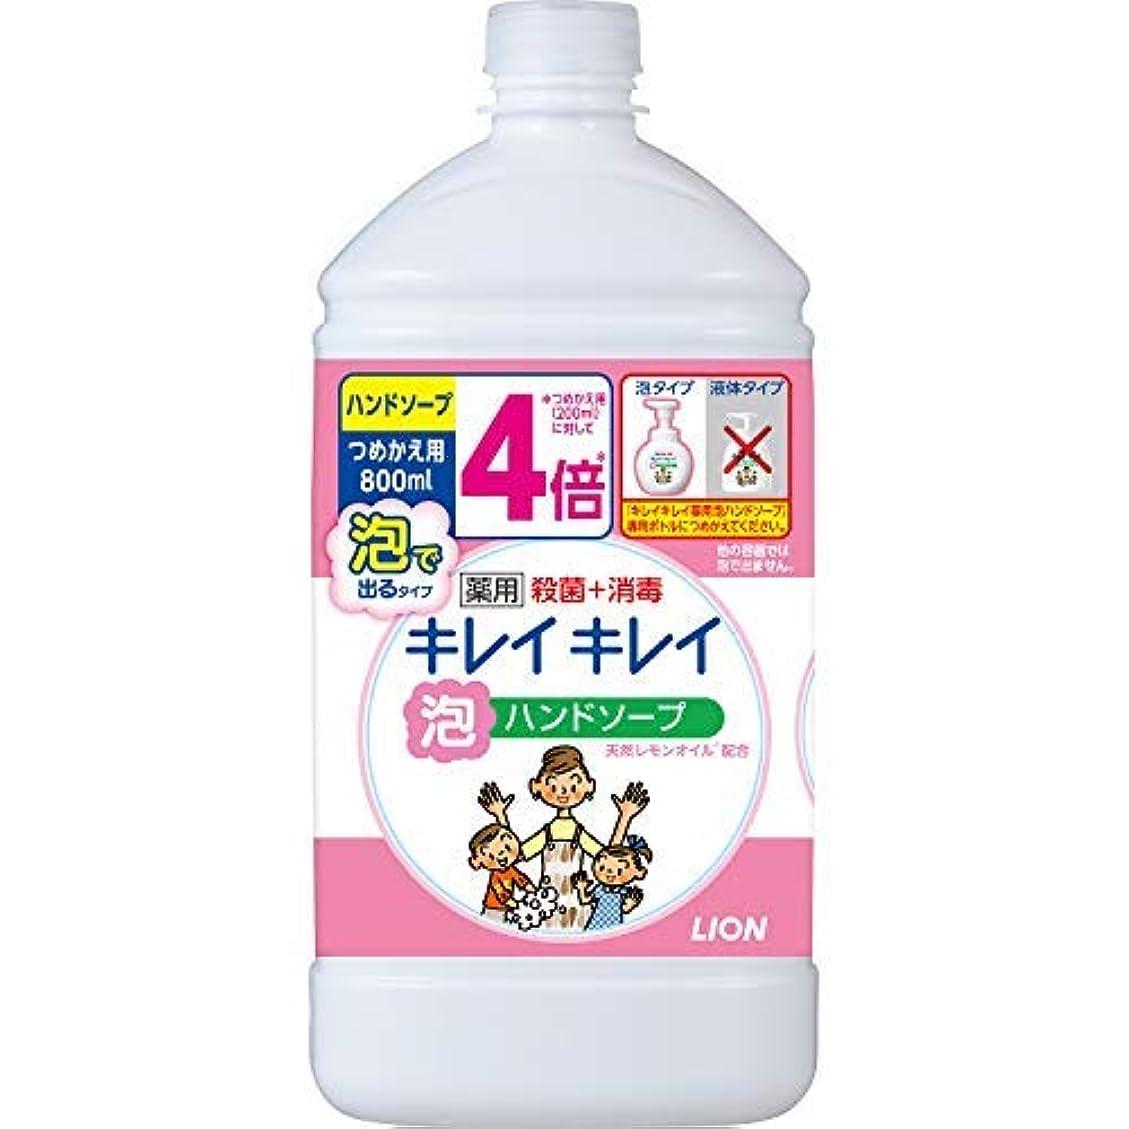 鎮痛剤昼間絶え間ないキレイキレイ 薬用泡ハンドソープ つめかえ用特大サイズ シトラスフルーティ × 2個セット